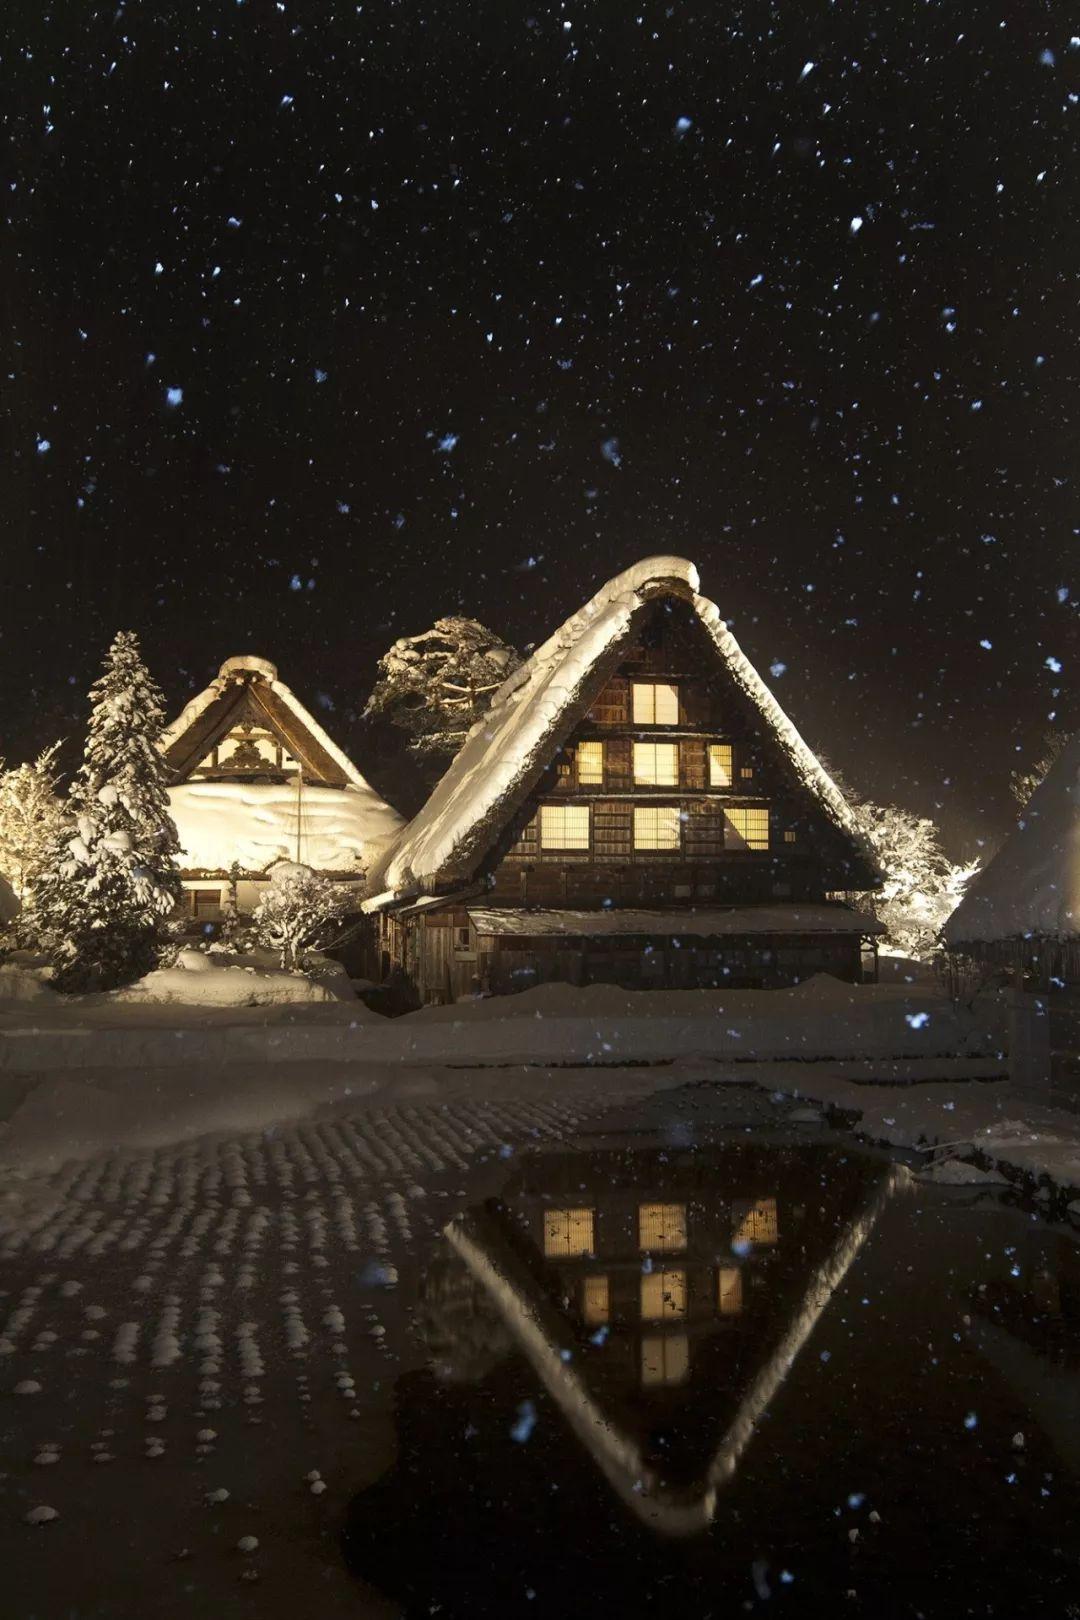 實地踩線!為什么這個日本雪鄉的點燈儀式,有著童話般的浪漫?